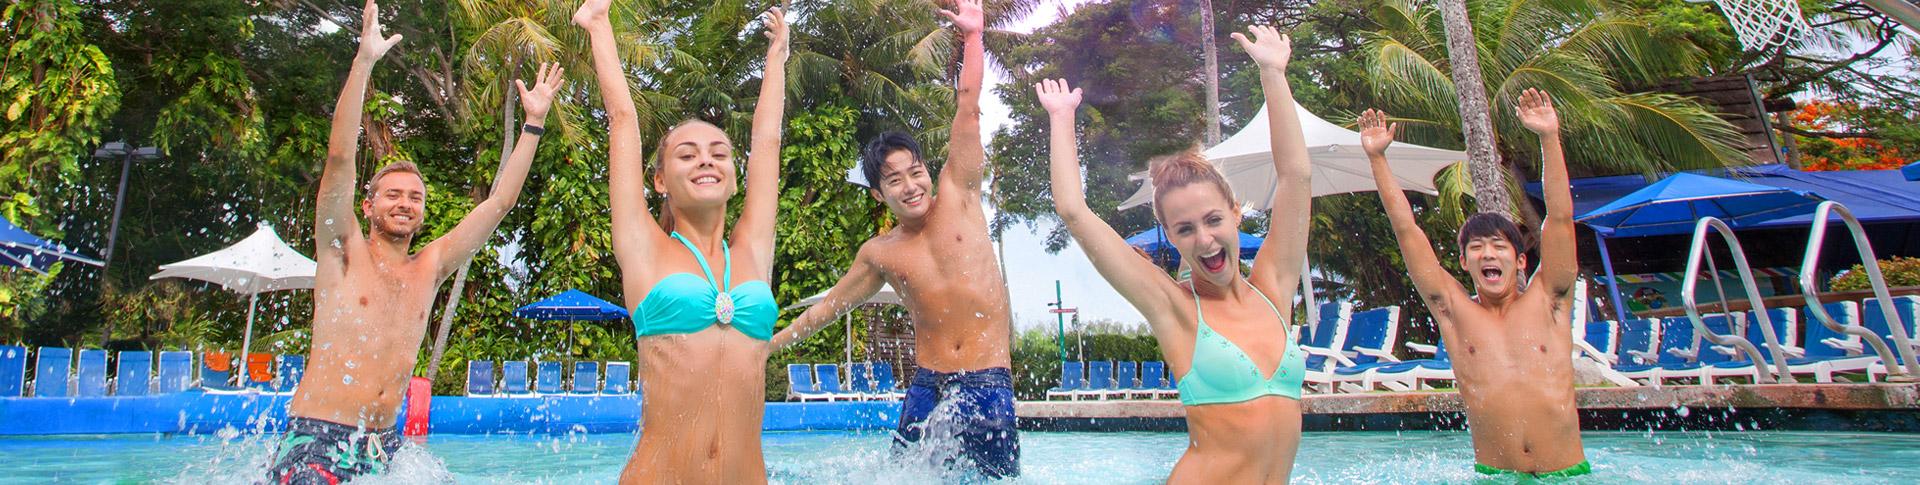 Resort Pacific Islands Club Guam Tumon